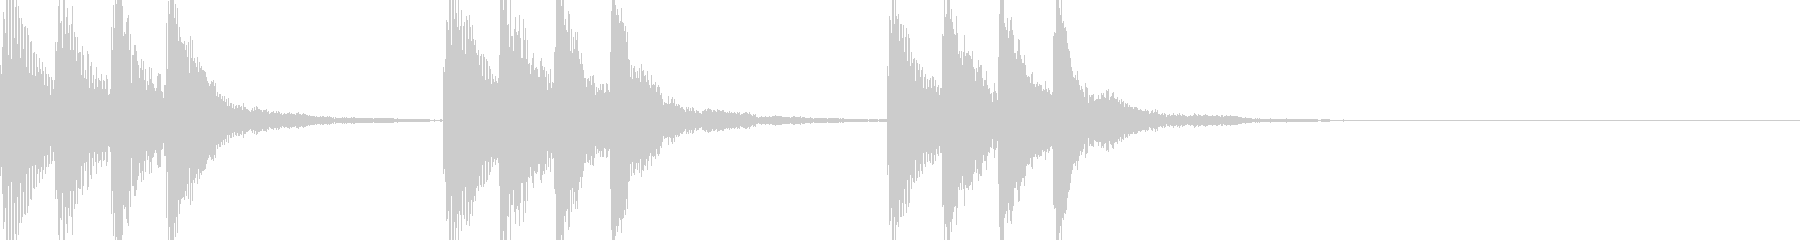 マリンバの短いジングルの未再生の波形